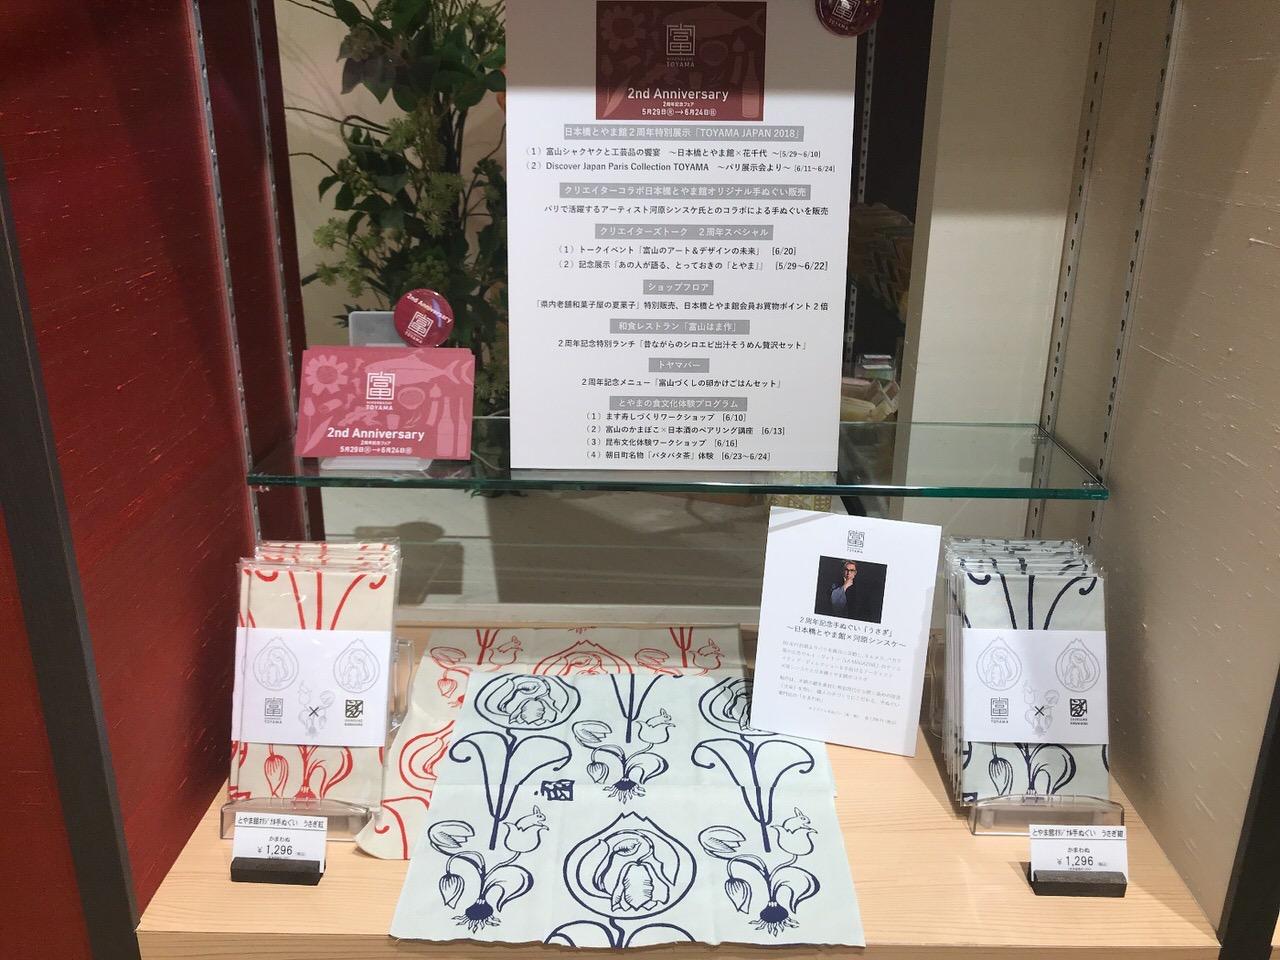 「日本橋とやま館」開館2周年記念フェア コラボ企画